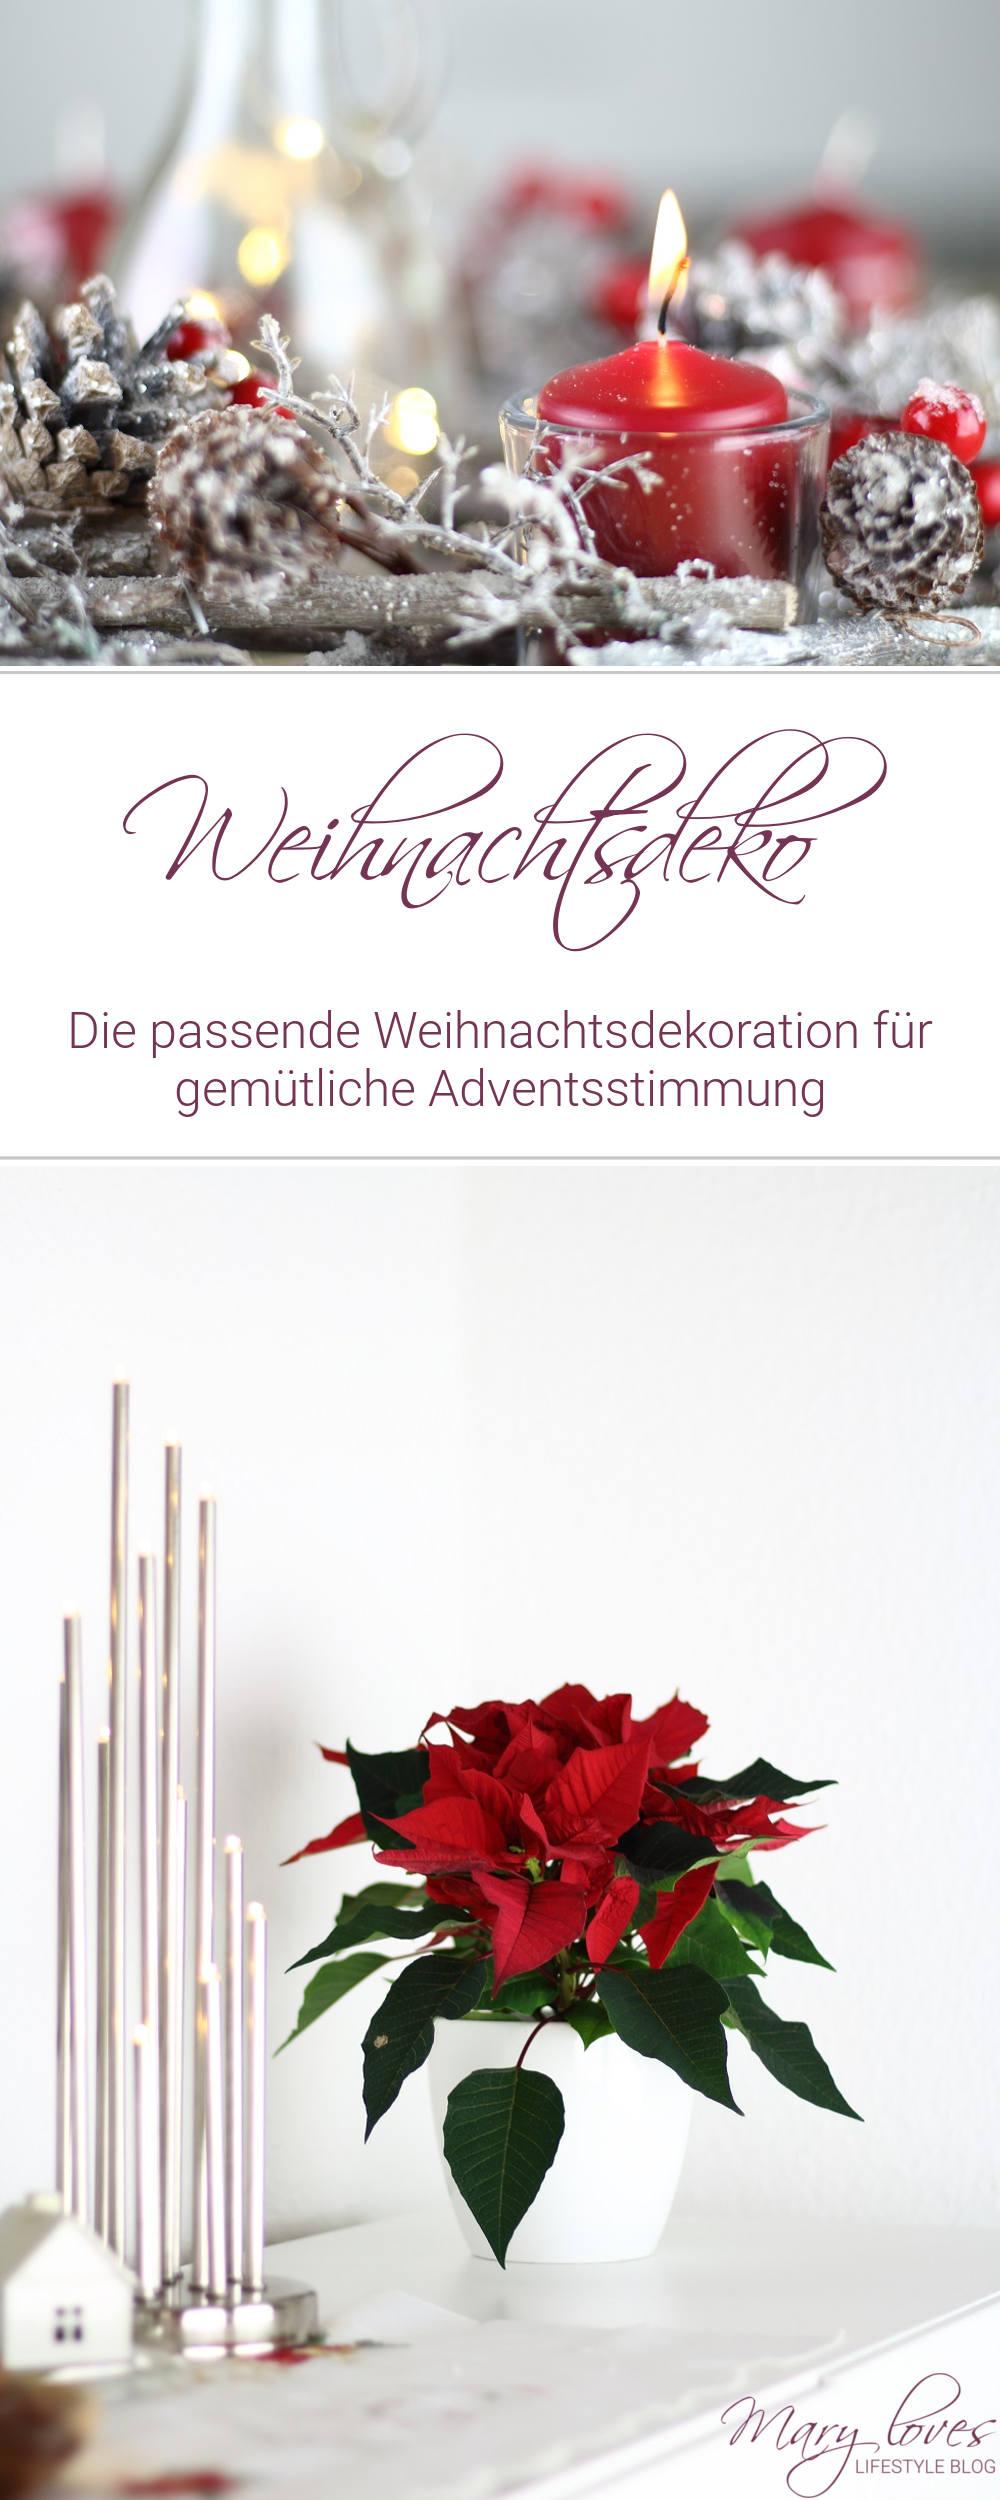 [Anzeige] Die passende Weihnachtsdekoration für gemütliche Adventsstimmung - #weihnachten #weihnachtsdeko #weihnachtsdekoration #adventsdeko #advent #adventsstimmung #adventskranz